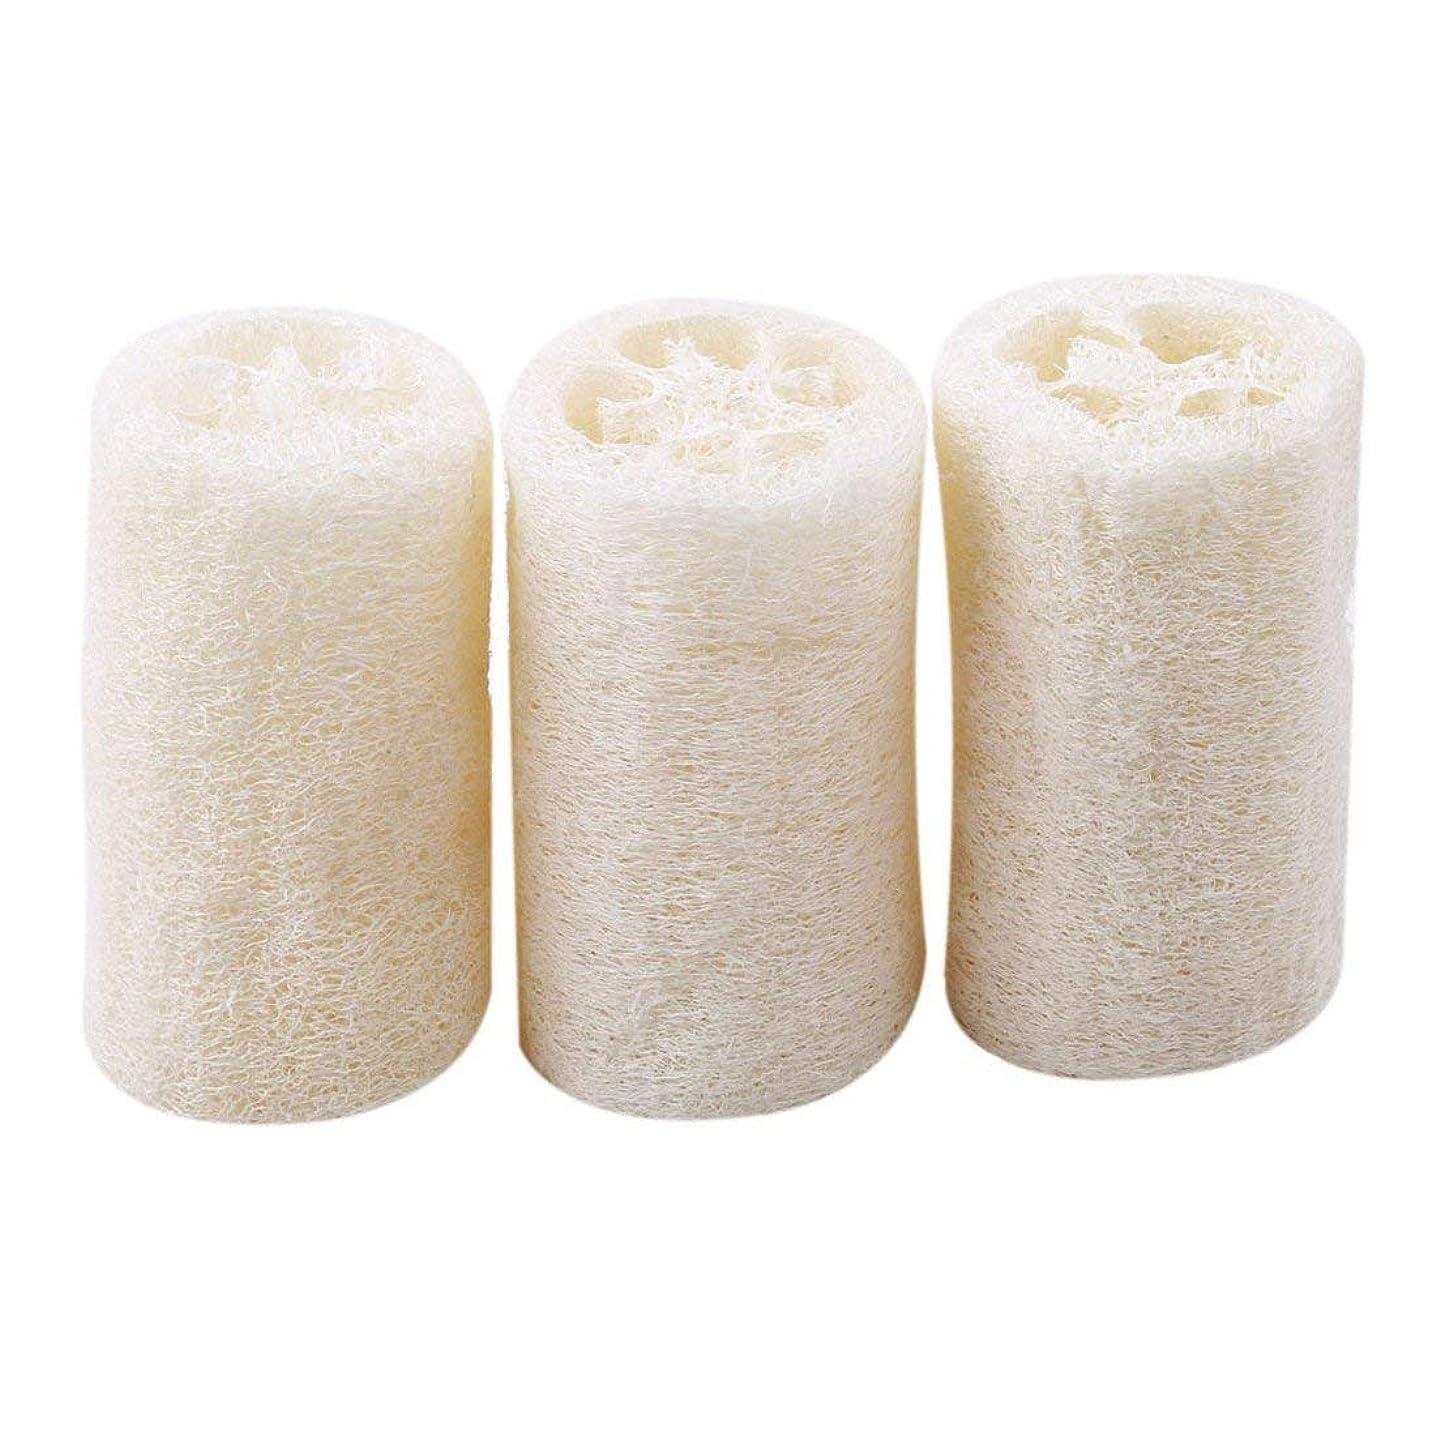 ご飯メアリアンジョーンズ立方体Onior 耐久性 ボディースポンジ へちま お風呂 清掃 洗浄作業 3個セット